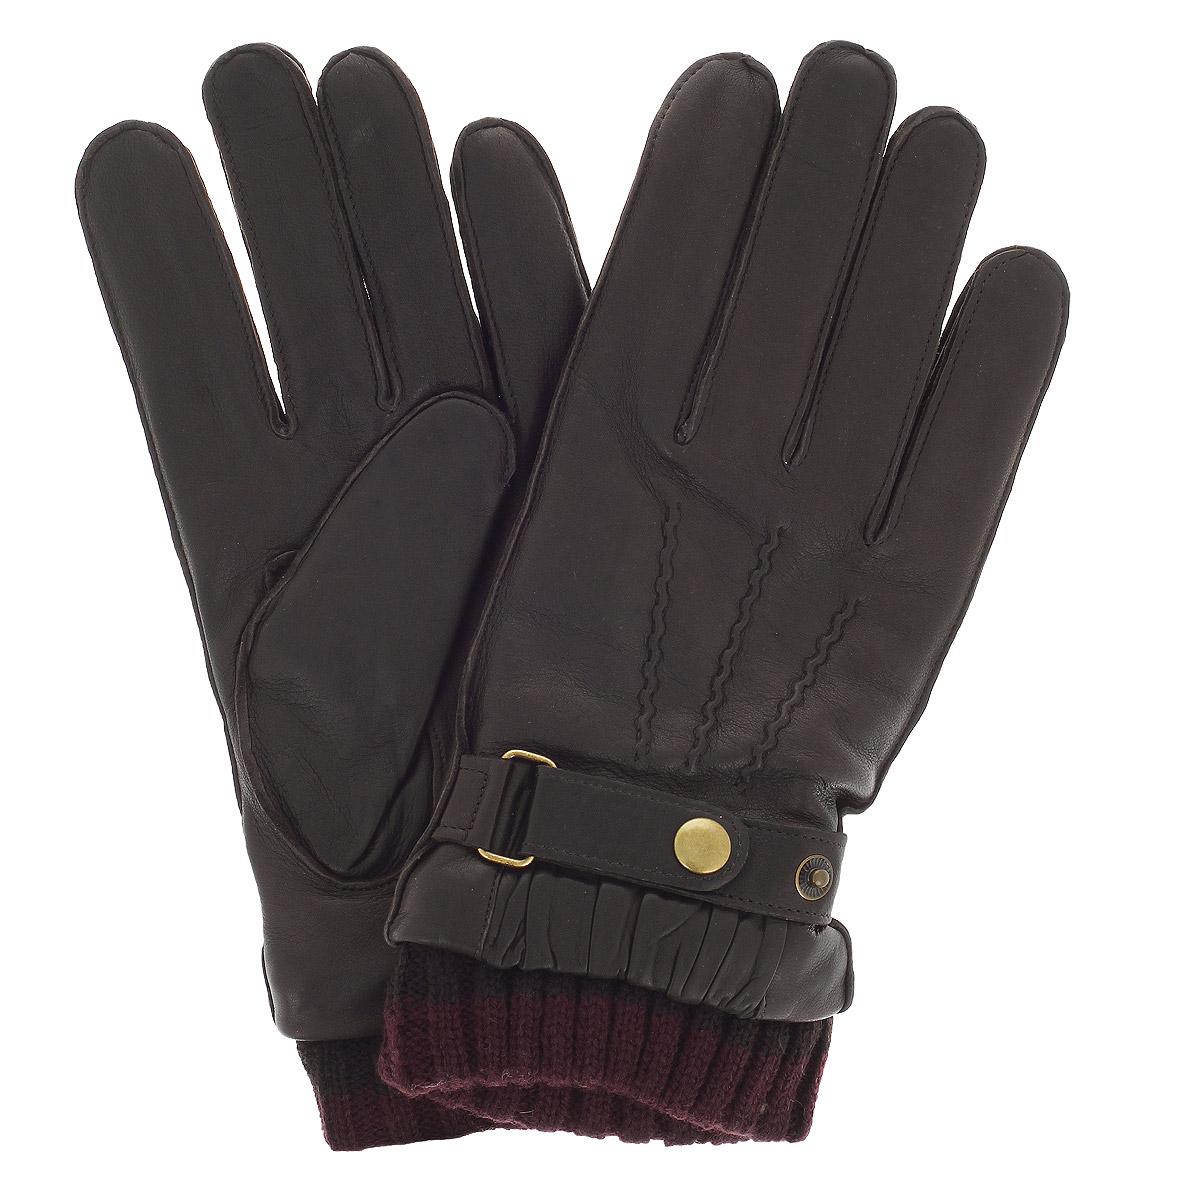 Перчатки мужские Michel Katana, цвет: коричневый. K12-JUR/BR. Размер 9,5K12-JUR/BRСтильные мужские перчатки Michel Katana не только защитят ваши руки, но и станут великолепным украшением. Перчатки выполнены из чрезвычайно мягкой и приятной на ощупь натуральной кожи ягненка, а их подкладка - из шерсти. Перчатки дополнены вязаными манжетами и оформлены ремешками, застегивающимися на кнопку. Модель благодаря своему лаконичному исполнению прекрасно дополнит образ любого мужчины и сделает его более стильным, придав тонкую нотку брутальности. Создайте элегантный образ и подчеркните свою яркую индивидуальность новым аксессуаром!